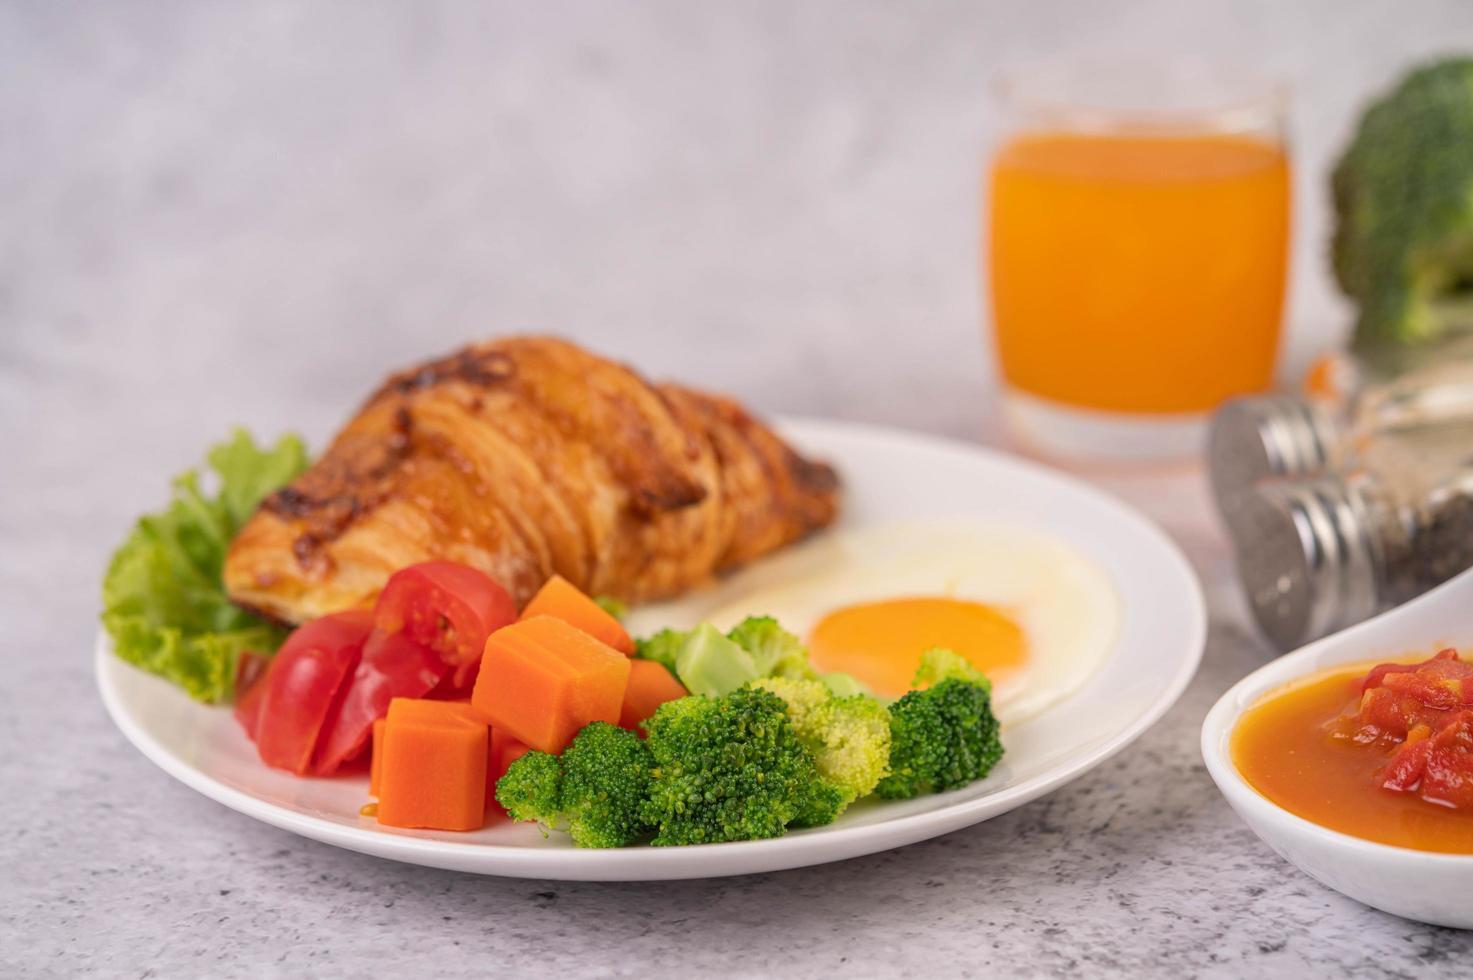 Fresh egg croissant and vegetable breakfast photo